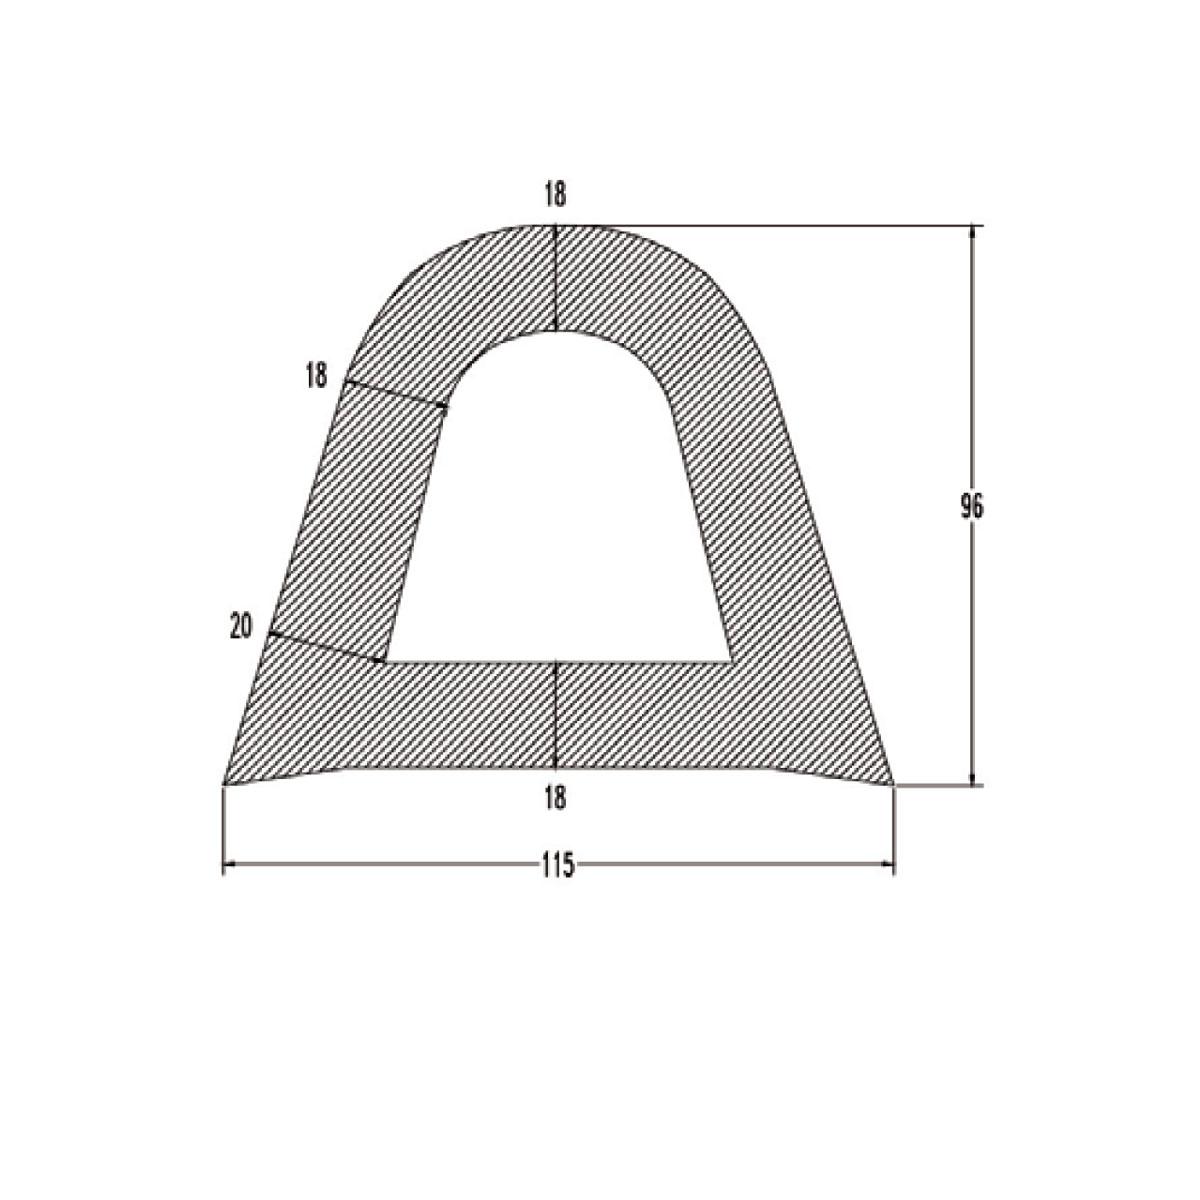 ΠΡΟΦΙΛ PVC ΒΑΡΕΩΣ ΤΥΠΟΥ ΓΙΑ ΠΟΛΛΑΠΛΕΣ ΕΦΑΡΜΟΓΕΣ W115 X H96